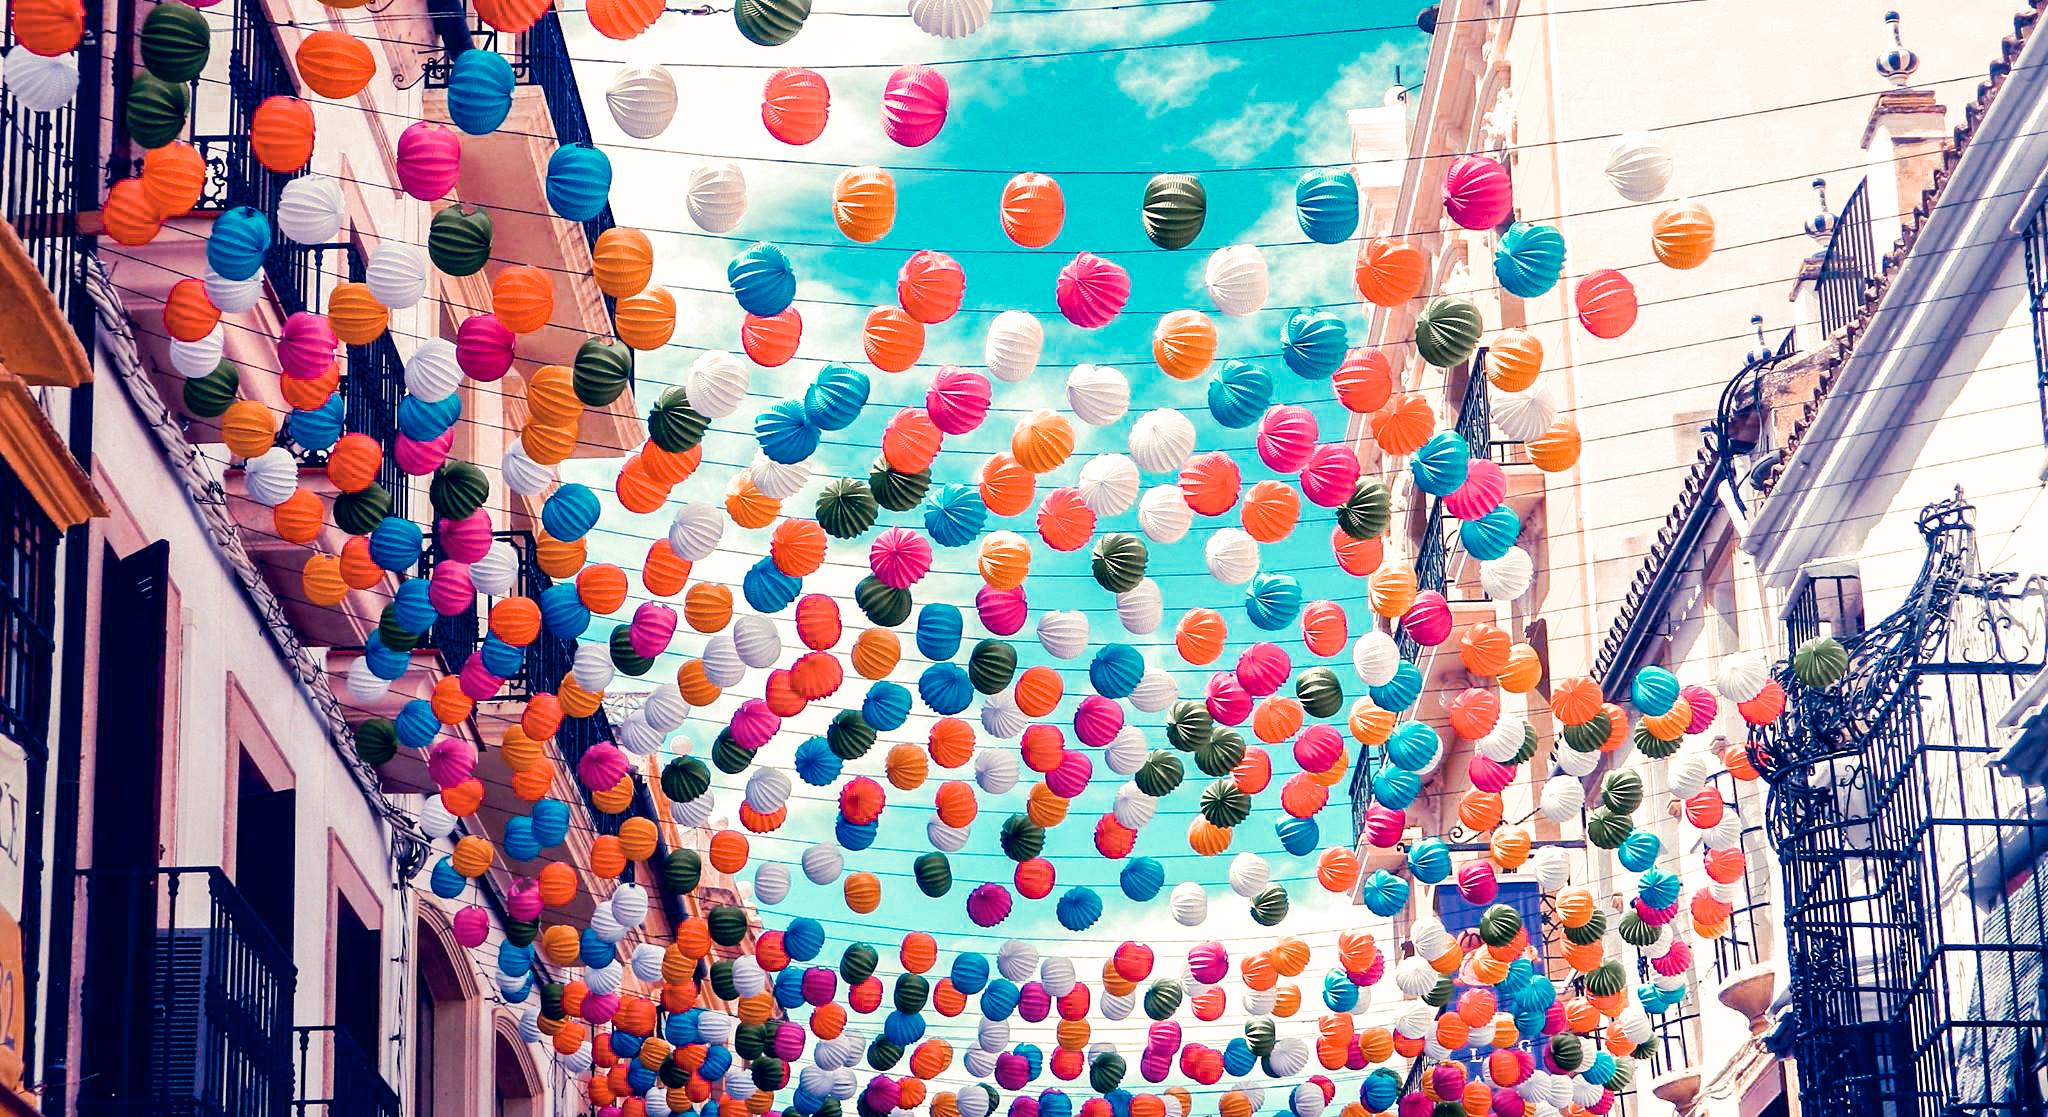 Ronda, dekoracje w Rondzie, Fiesta w Rondzie, Ronda w Andaluzji